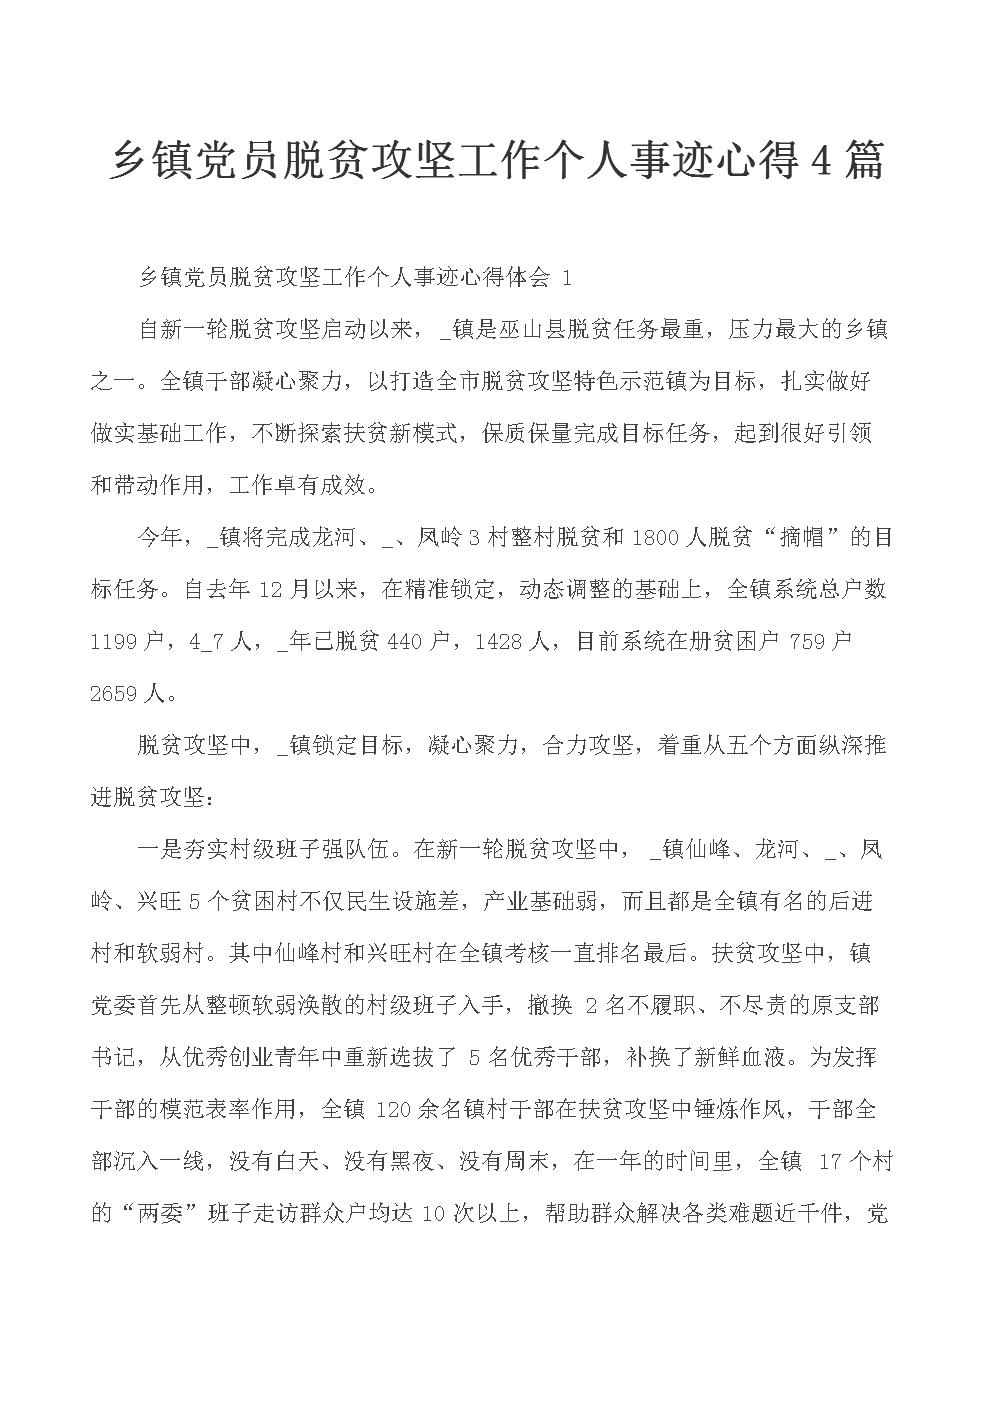 乡镇党员脱贫攻坚工作个人事迹心得4篇.docx